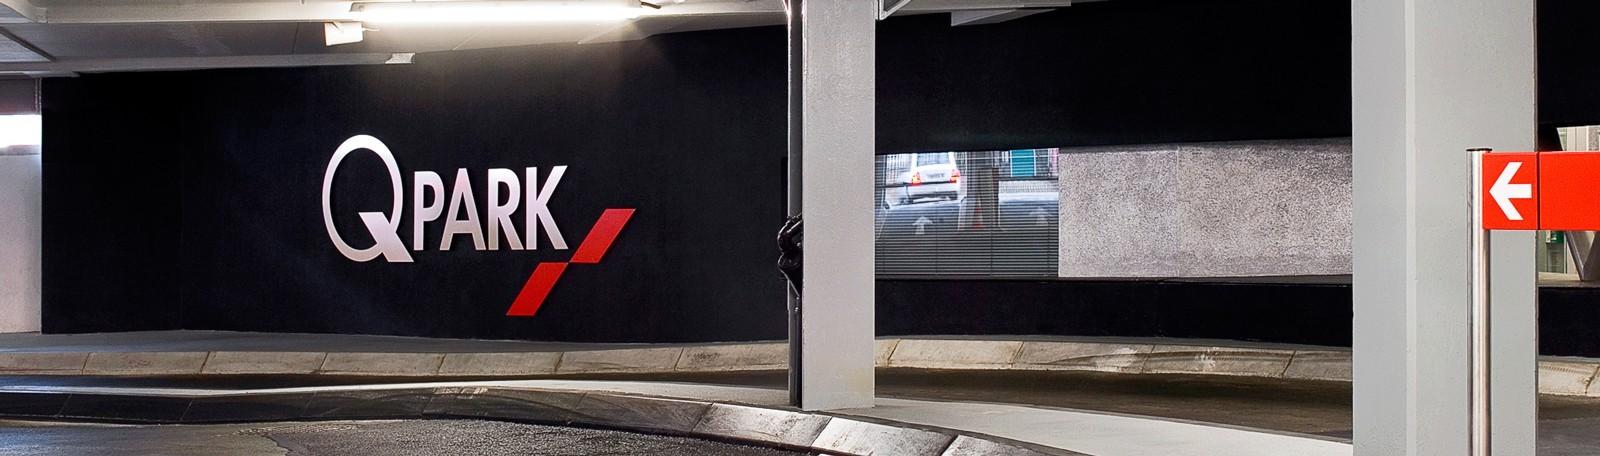 Réservation parking P+R Jean Bertin Montigny-le-Bretonneux